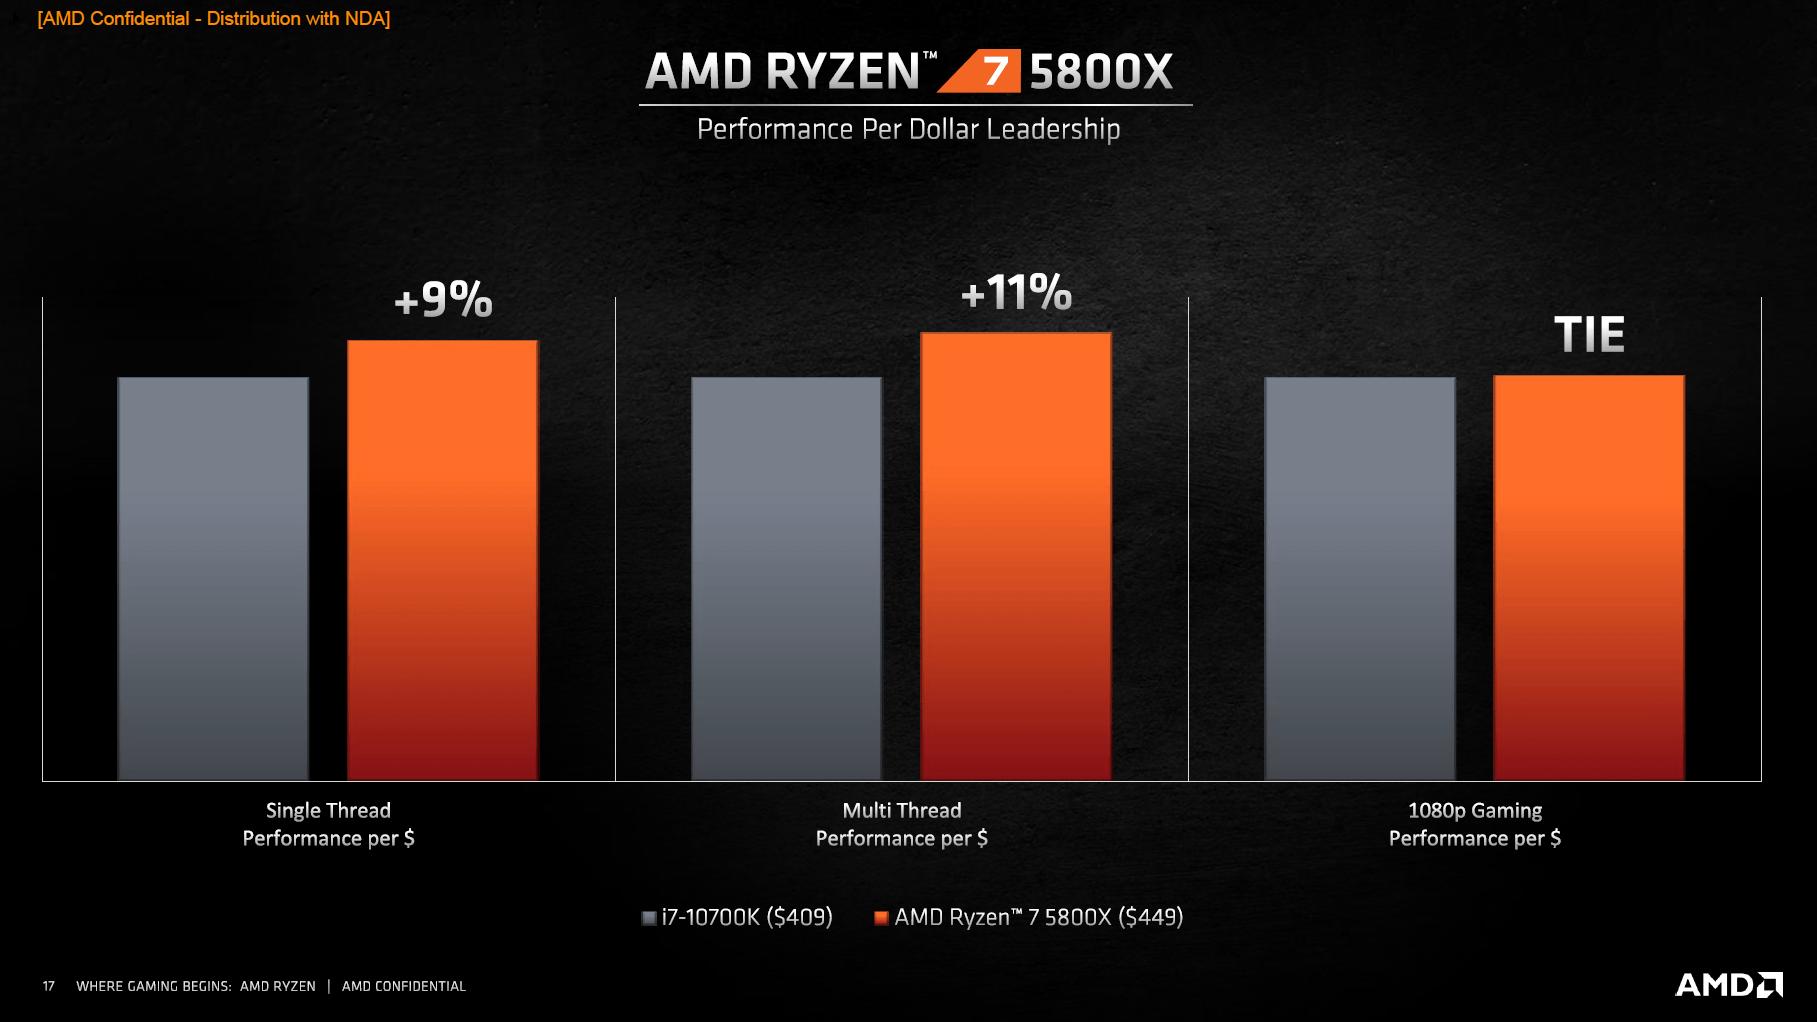 AMD Ryzen 7 5800X vs. Intel Core i7-10700K